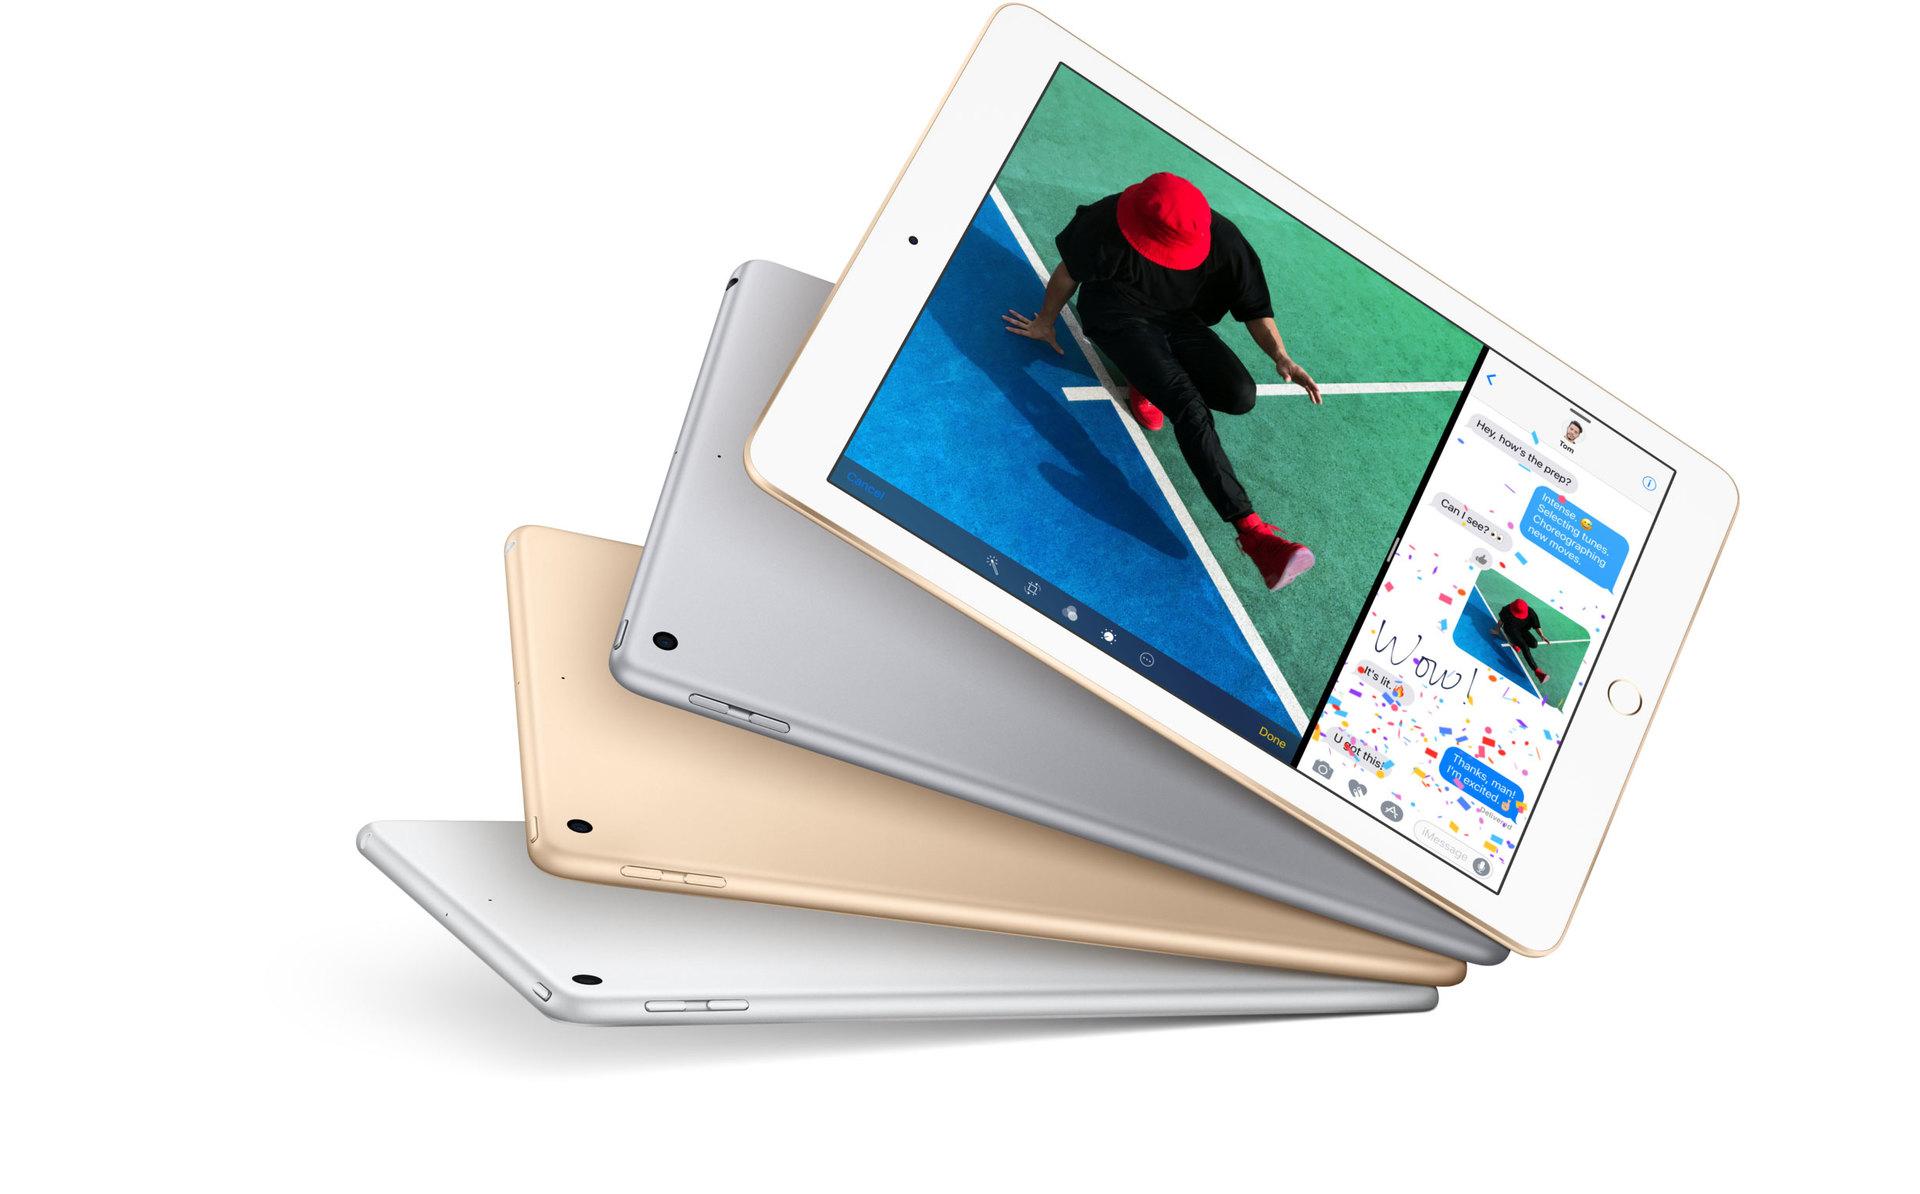 Новый iPad, красный iPhone. Пора обновляться? - 1